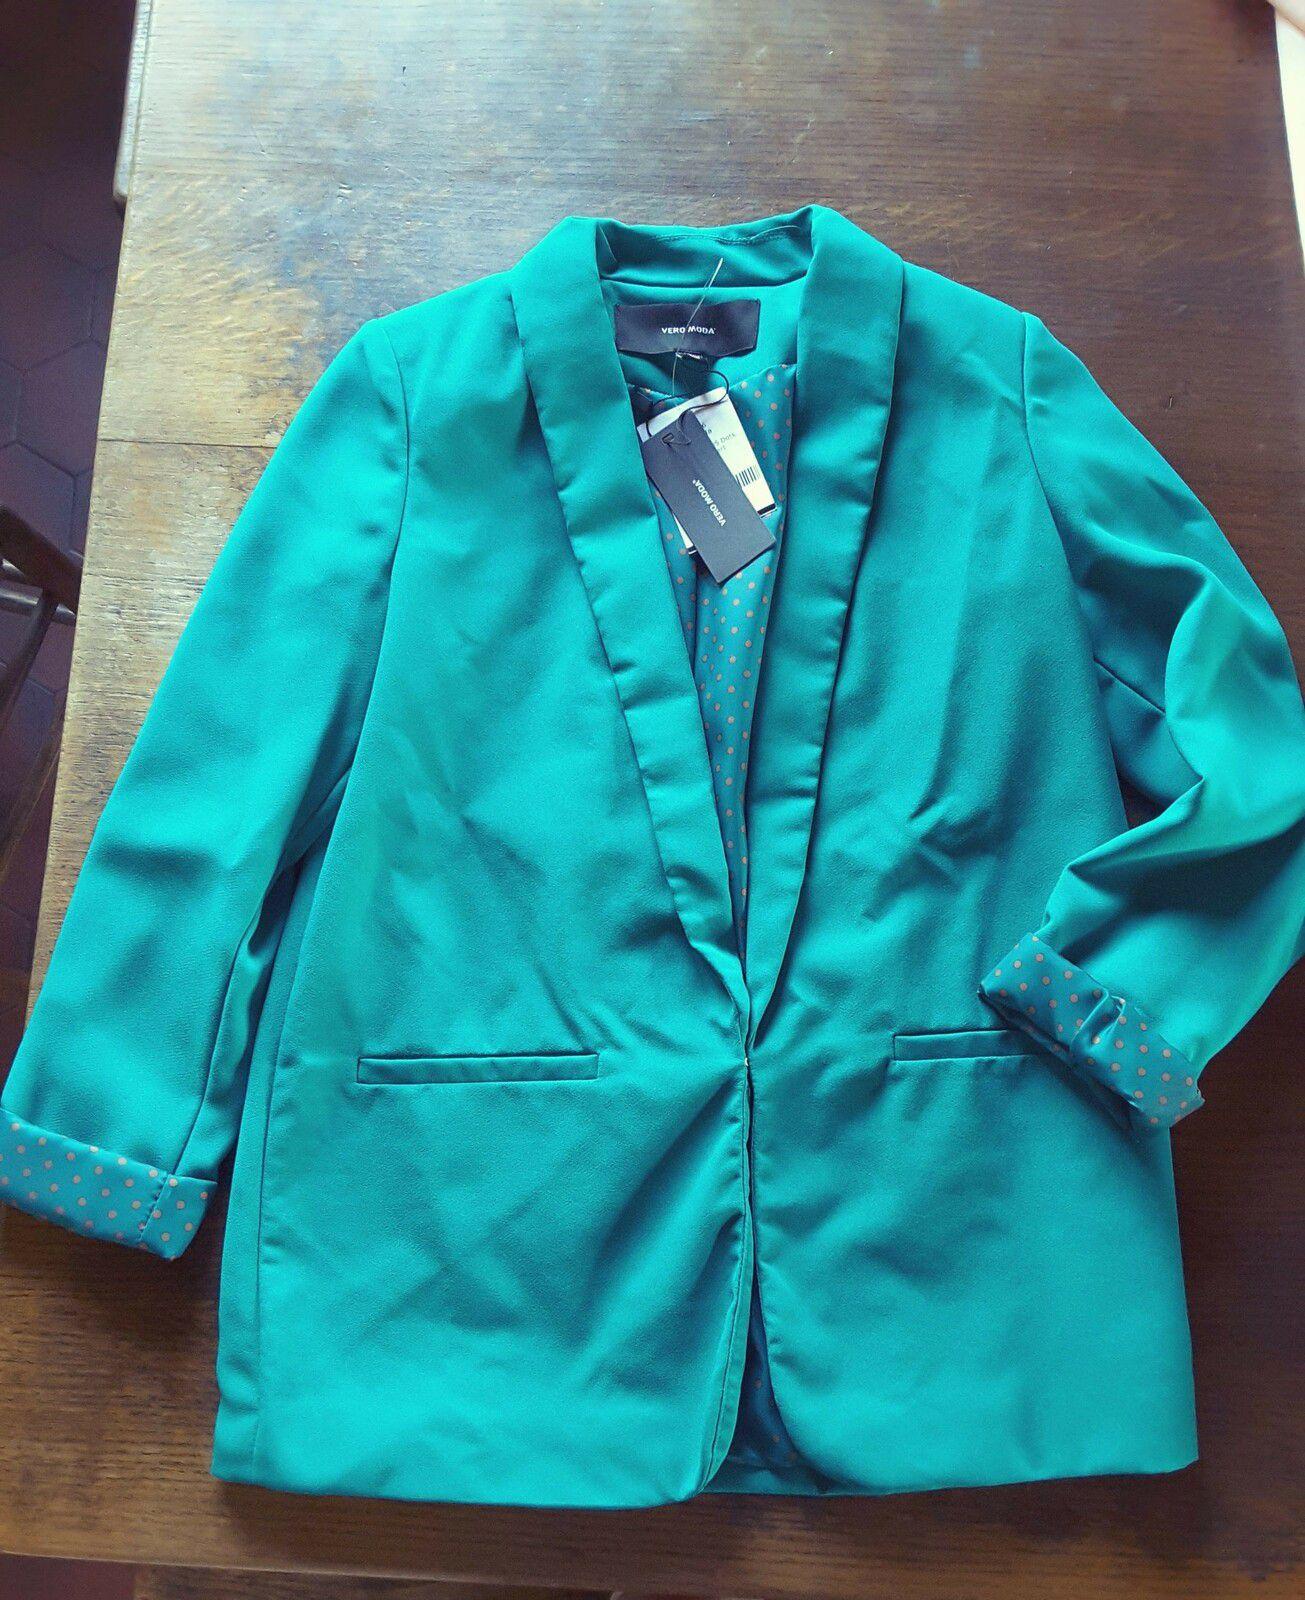 blazer Frances L/S Dots, parasailling vert - Vero Moda  clic and fit missbonsplansdunet personal shopper styliste box vêtements